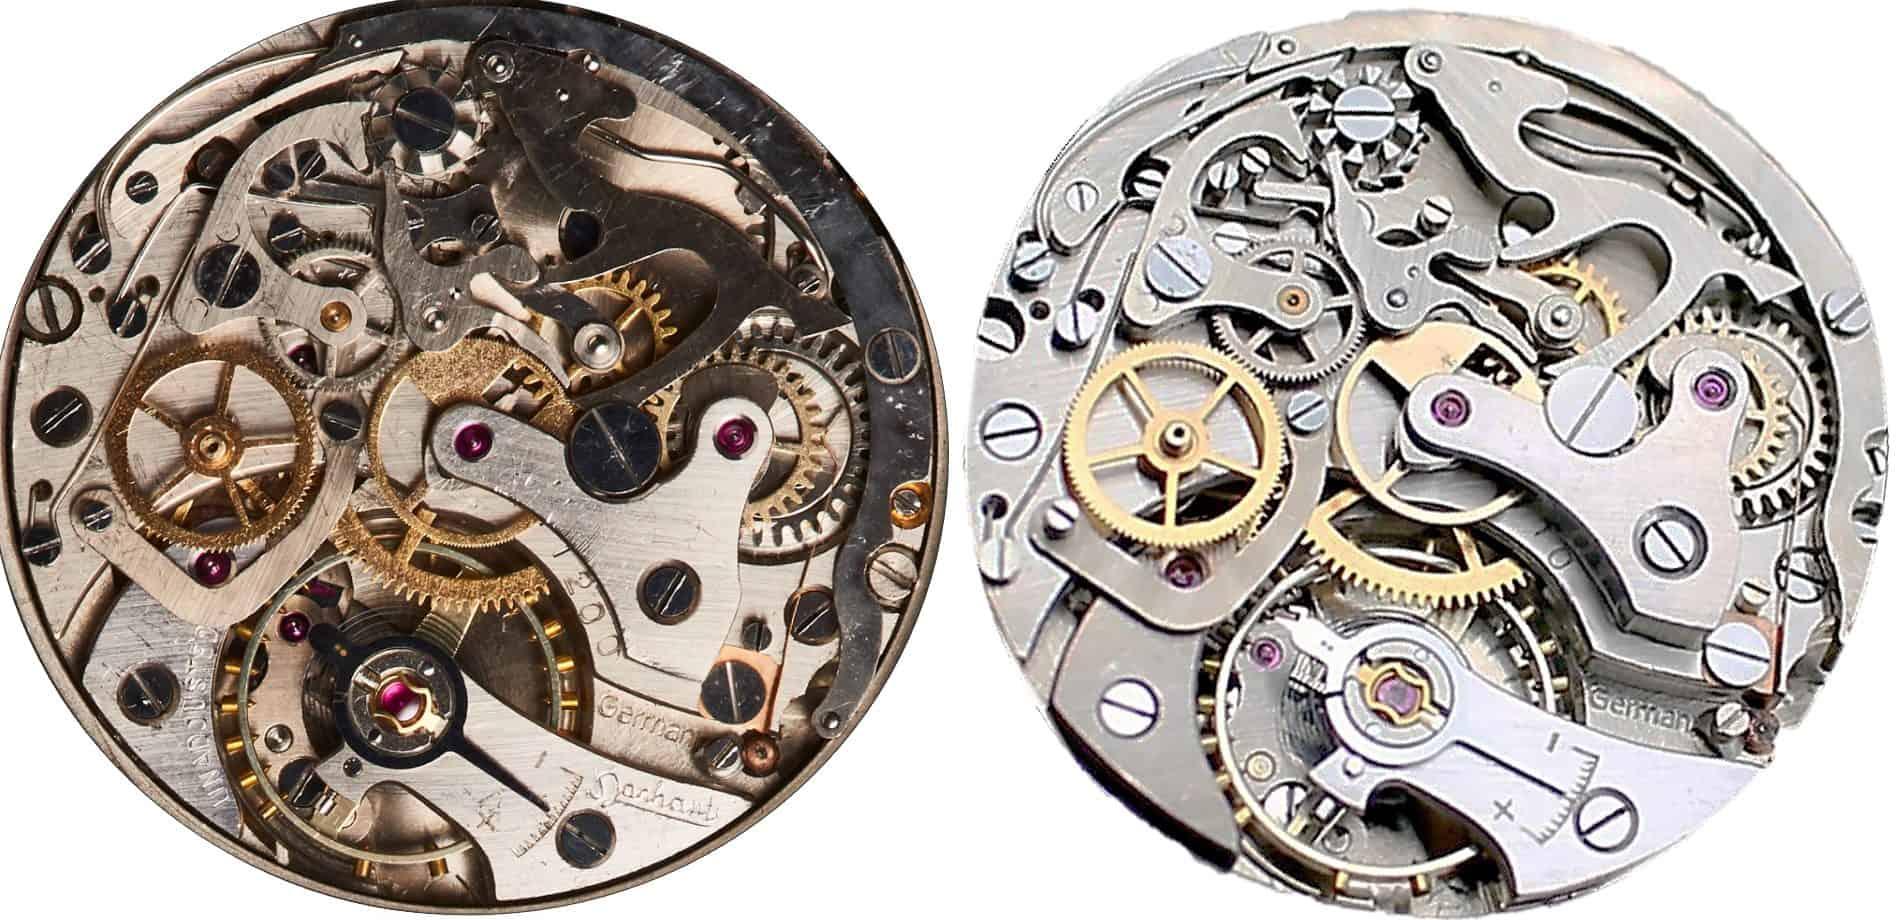 Die beiden Hanhart Kaliber im Vergleich: links das Kaliber 41 und rechts das 1957 vorgestellte 42